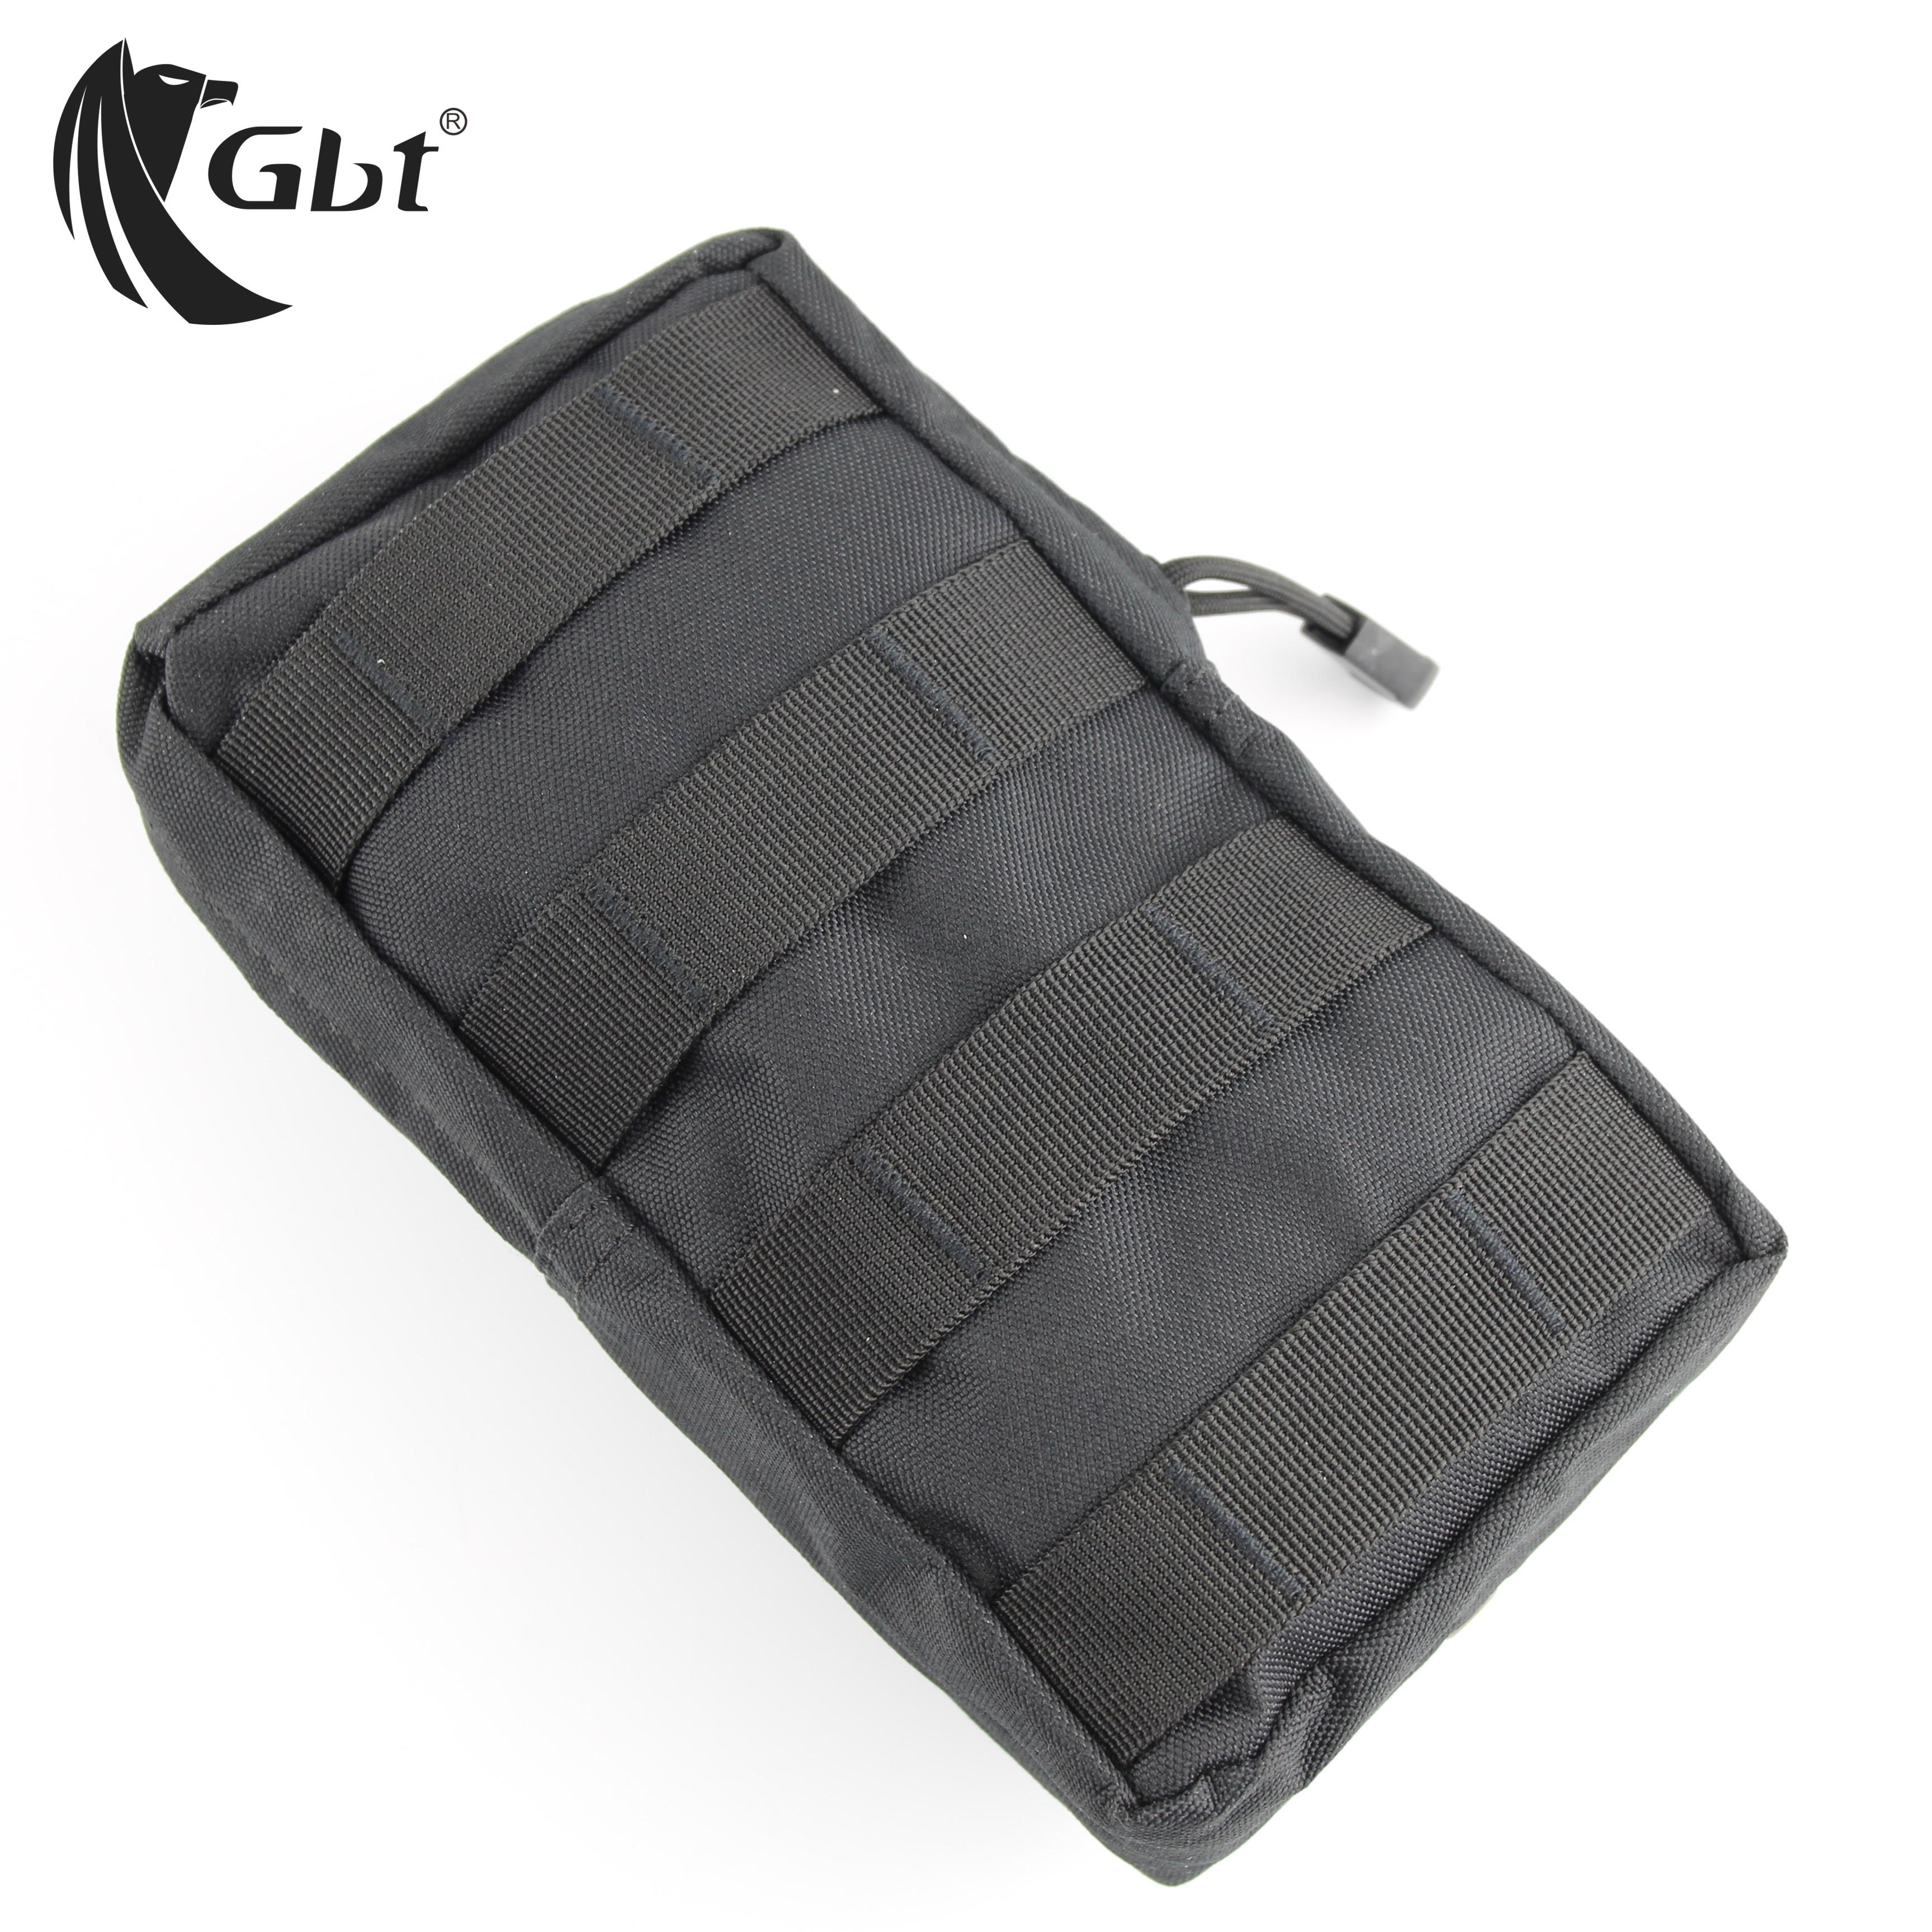 户外防水战术配件小号杂物收纳包 molle附件袋 户外运动收纳腰包